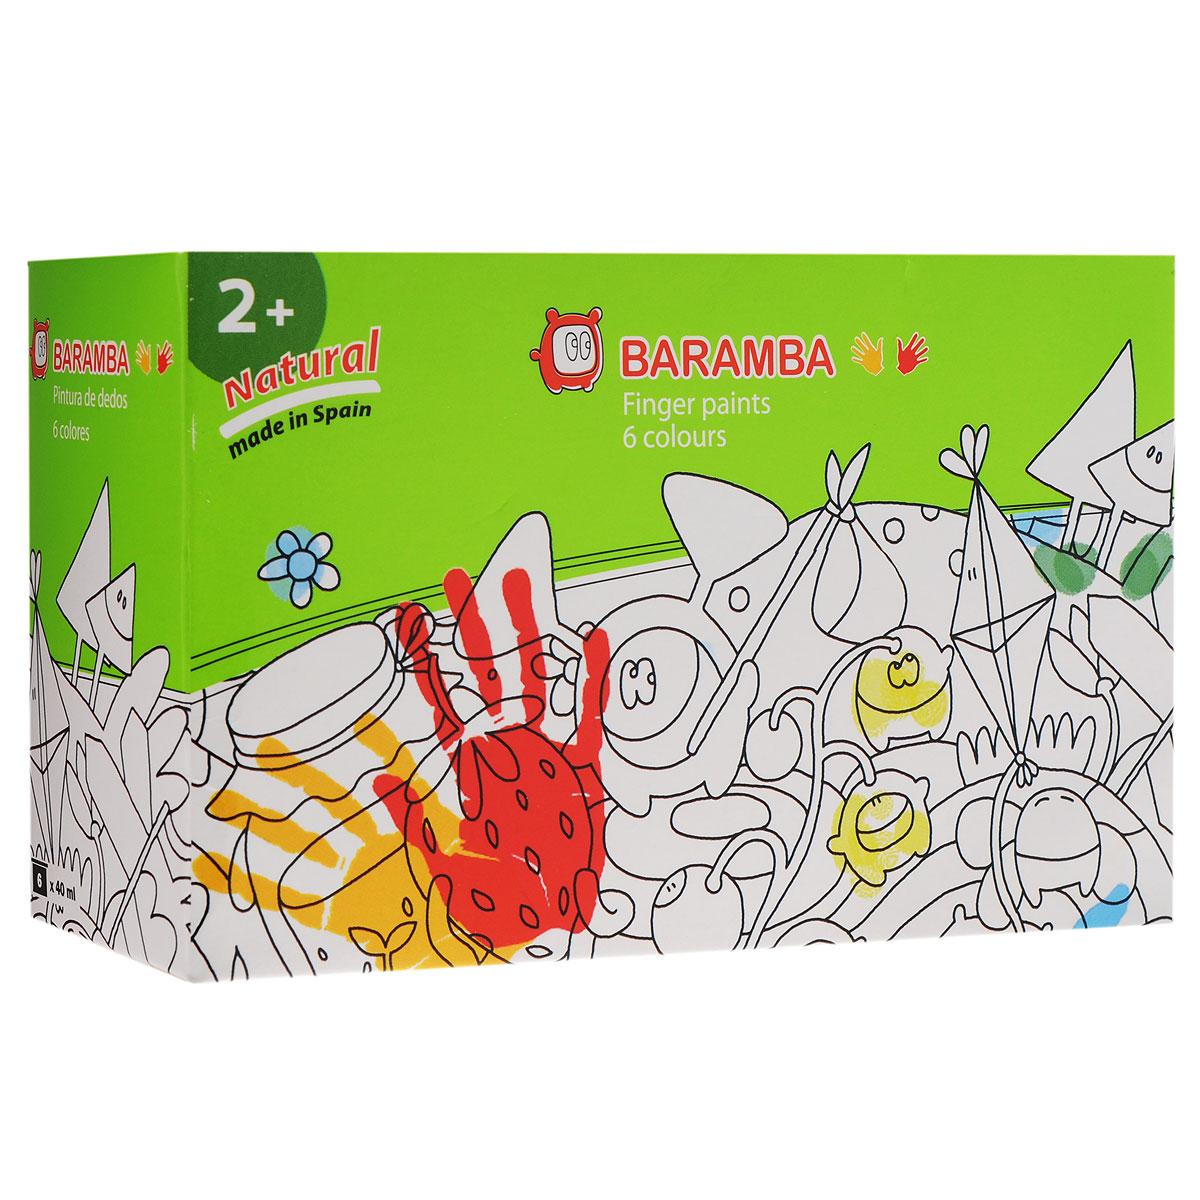 Краски пальчиковые Baramba, 6 цветов. B00536FS-00261Краски пальчиковые Baramba, 6 цветов представляют собой набор красок зеленого, голубого, желтого, оранжевого, красного, коричневого цветов. Густые краски на водной основе, не вытекающие из баночки. Легко смываются, быстро сохнут. Рисовать можно пальцами, ладонями, ступнями, кисточкой. Идеальны для раннего развития ребенка. Емкость баночки 40 мл.